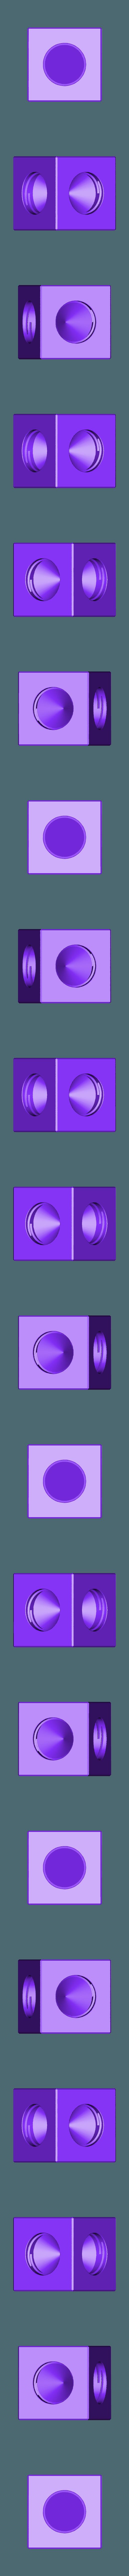 CubeCaps.stl Télécharger fichier STL gratuit Gatorade Bottle Project : De l'octaèdre au cube / hexagone ou vice versa, les duos de Platon • Objet pour impression 3D, LGBU